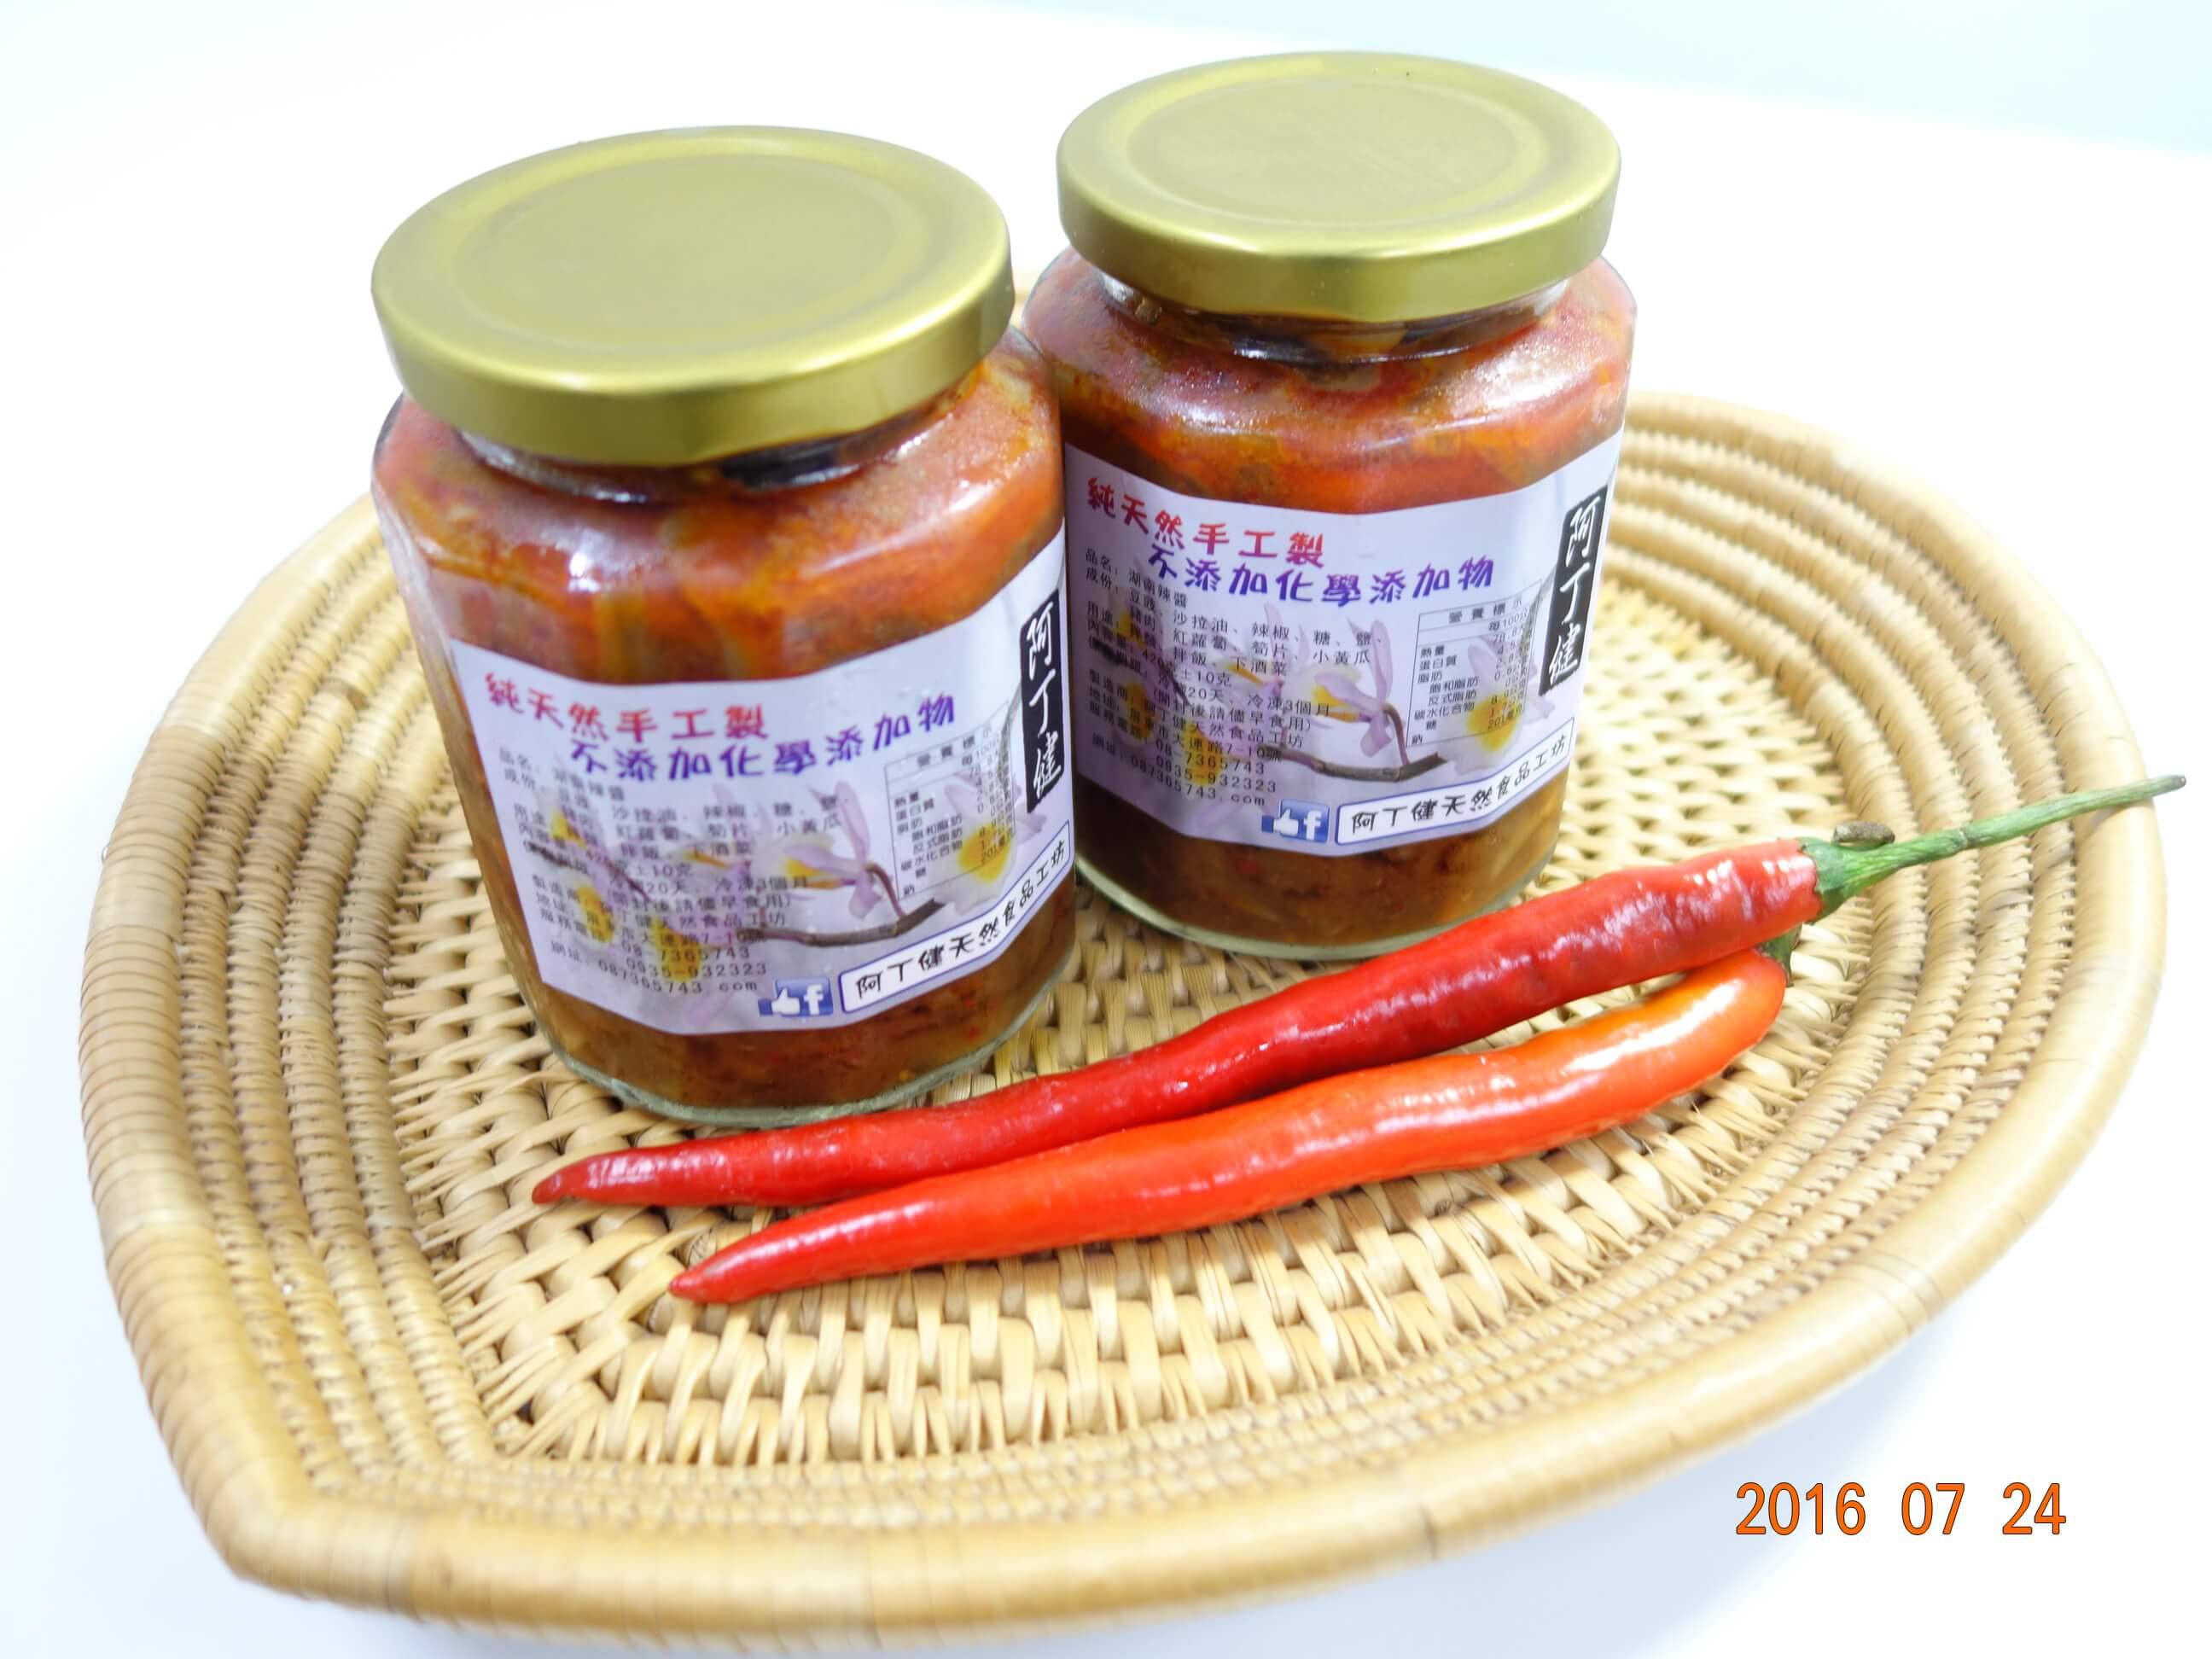 【阿丁健天然食品工坊】湖南辣醬 容量 : 420公克/瓶